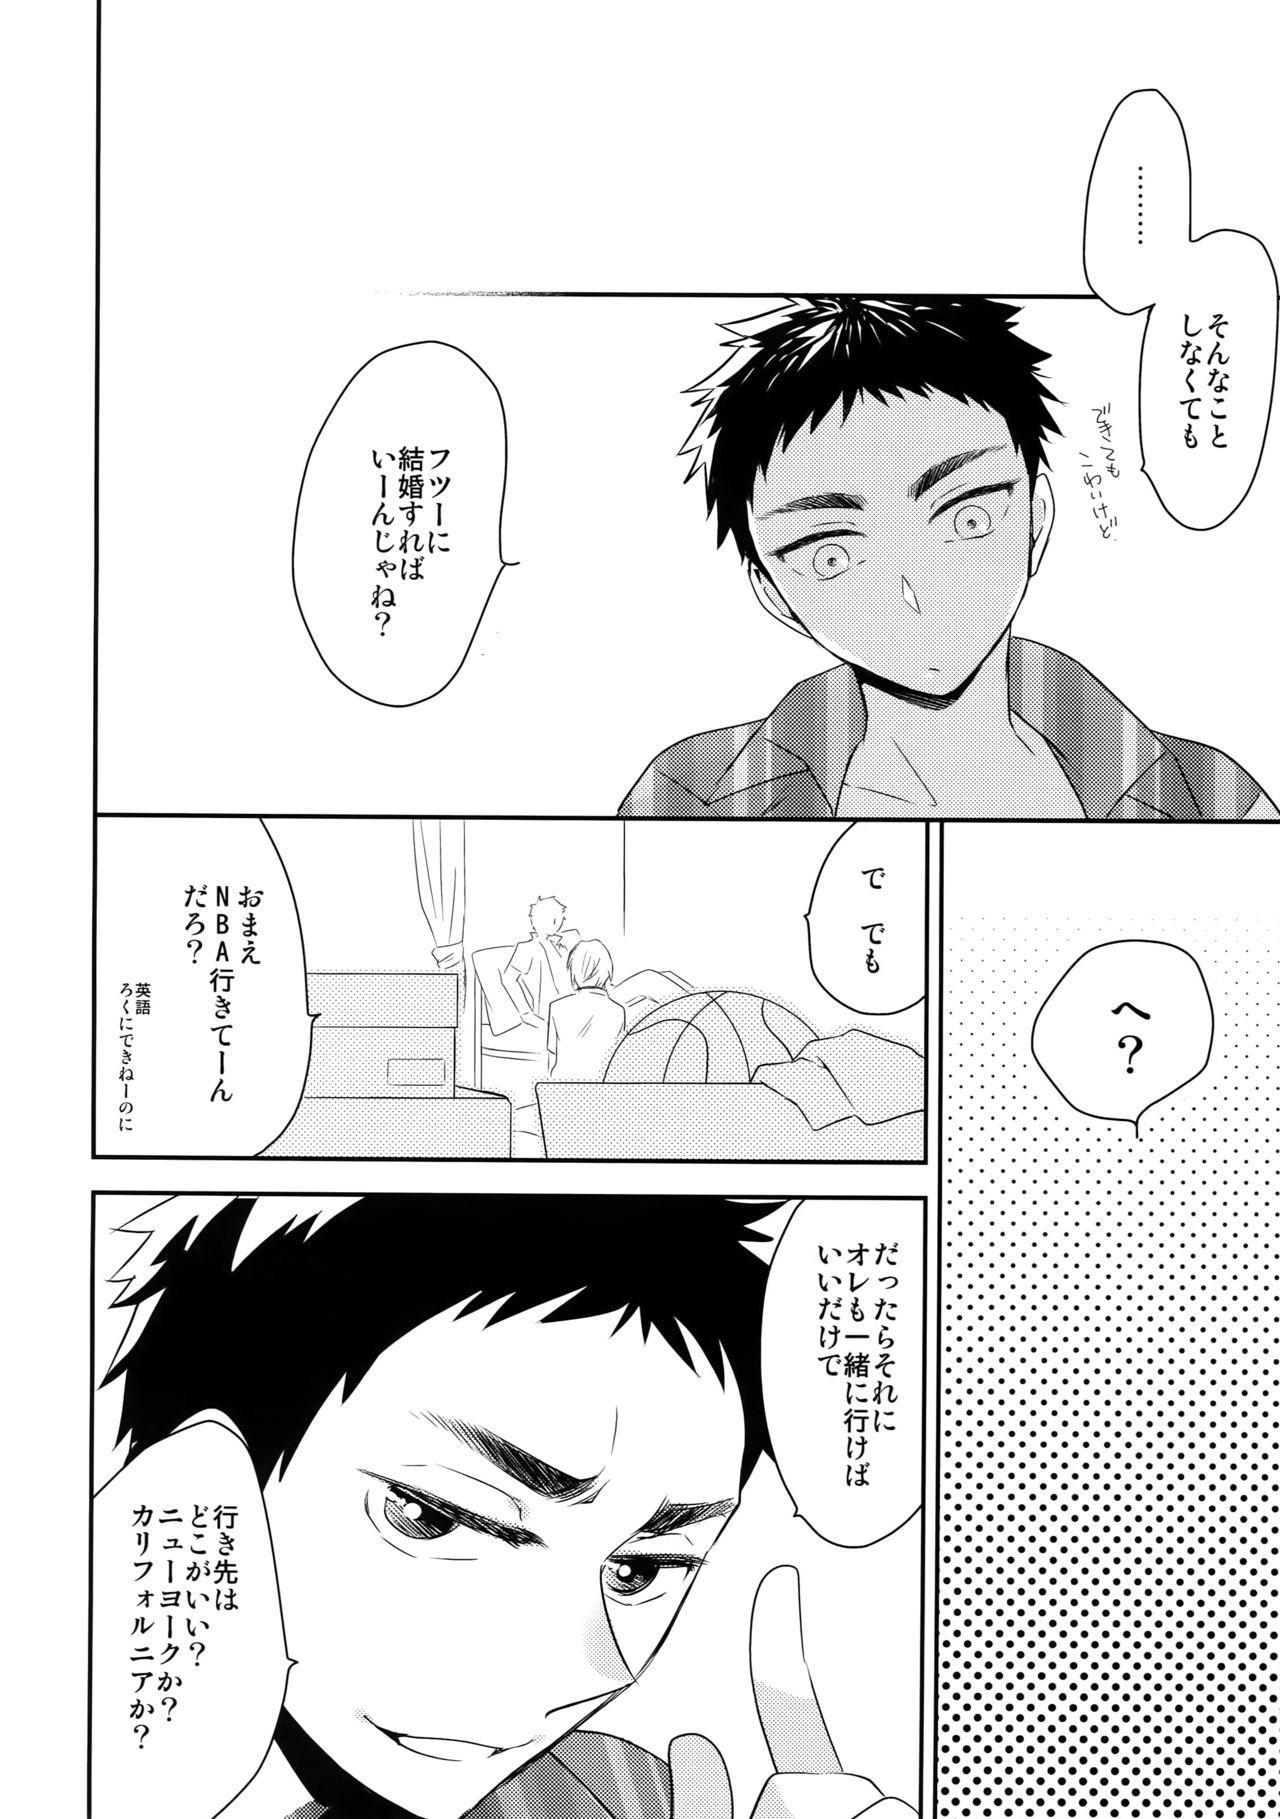 [Bakuchi Jinsei SP (Satsuki Fumi)] Kanpeki Kareshi to Zettai Ryouiki Ouji-sama - Another Version - (Kuroko no Basket) 106